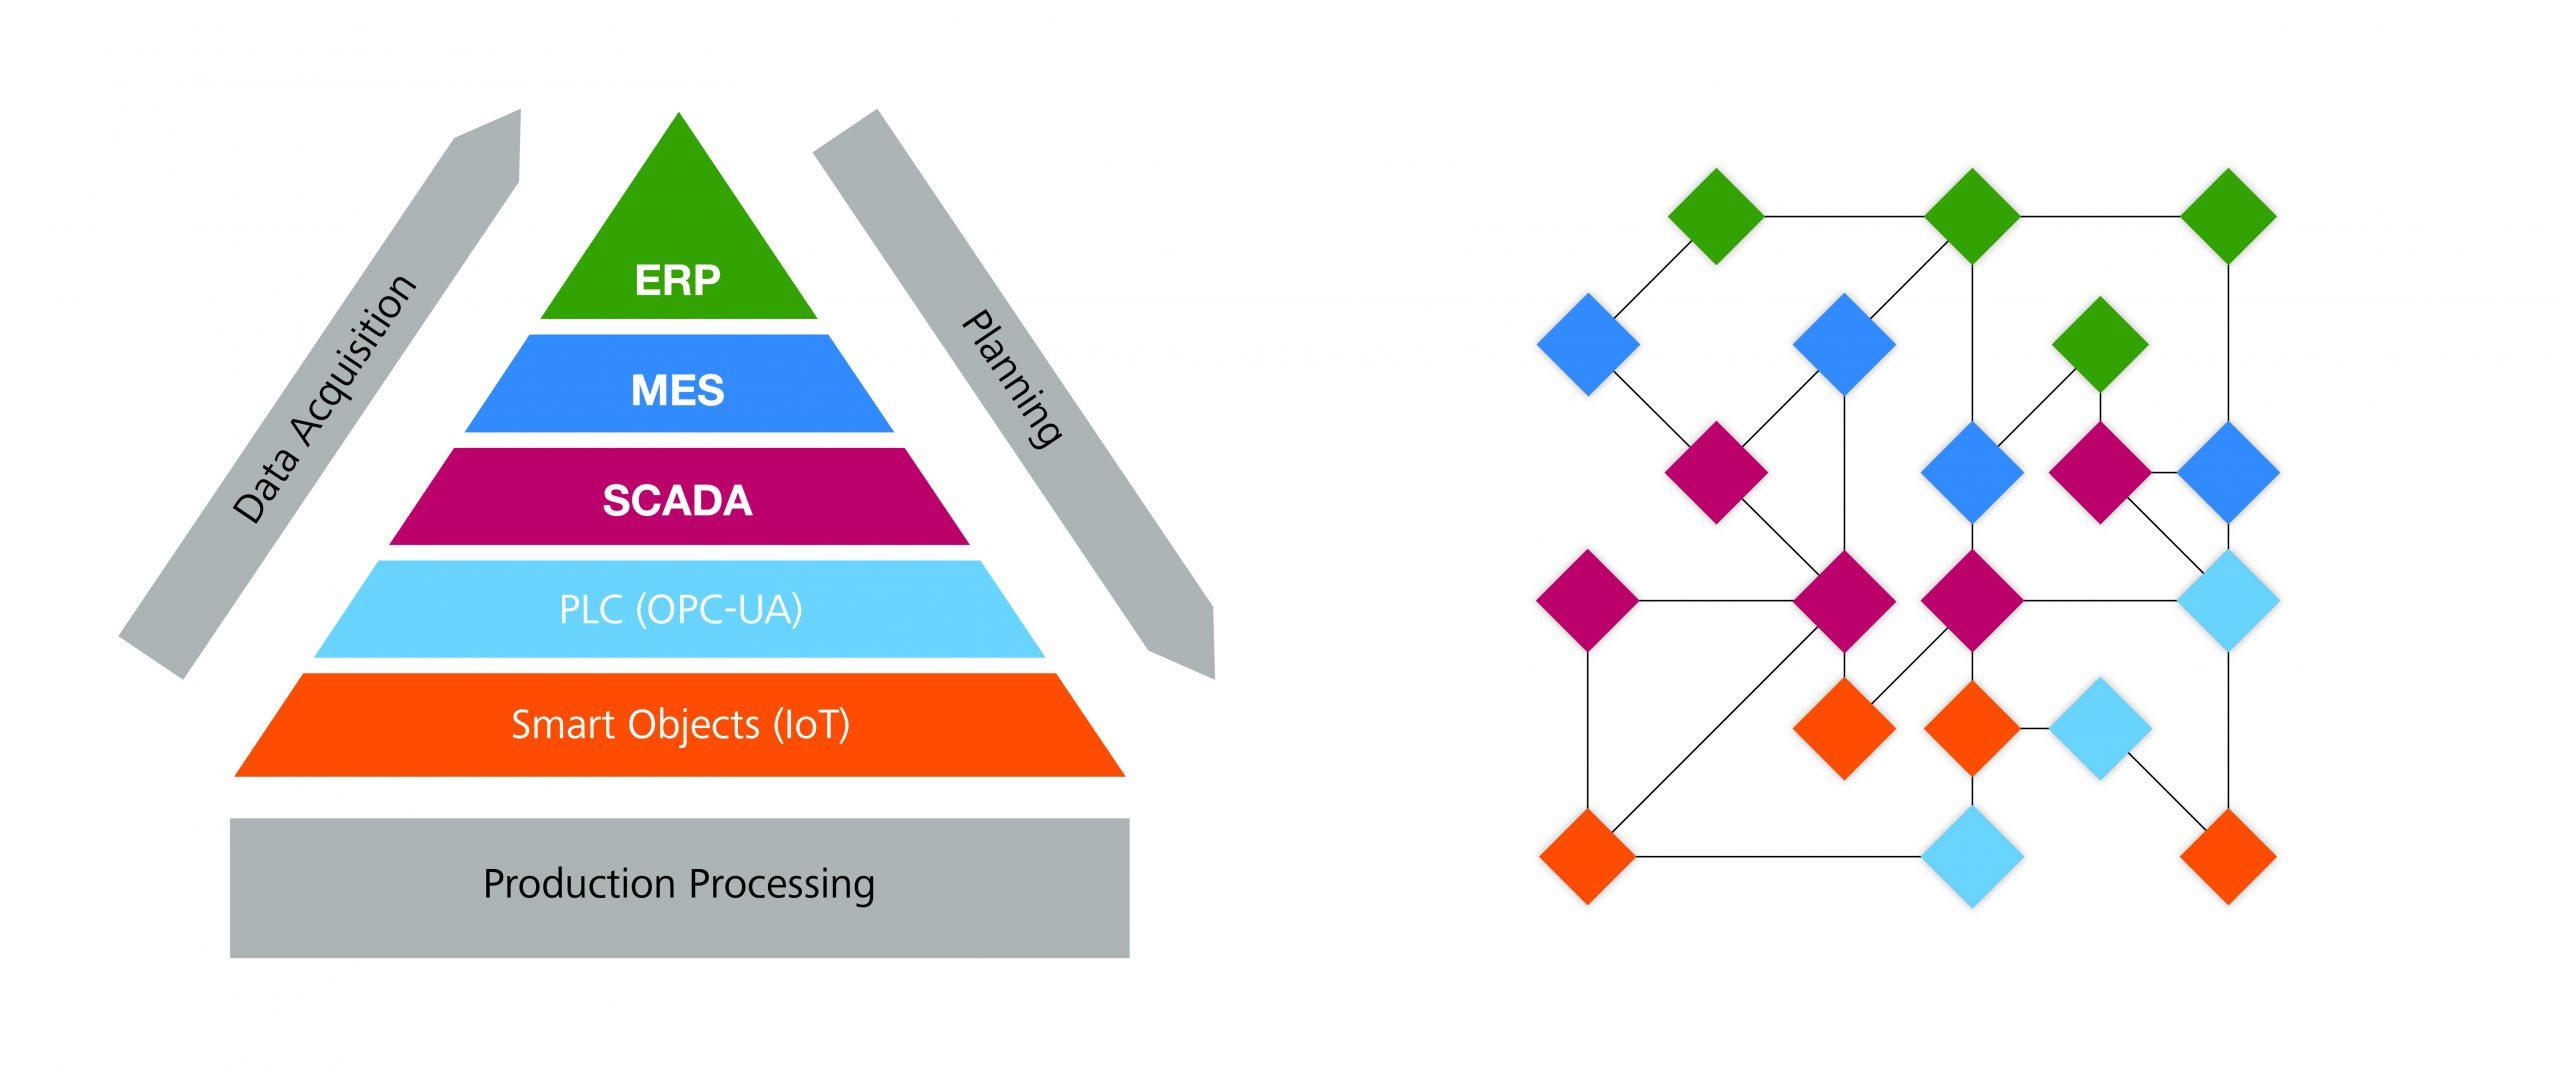 Wie werden sich die Ebenen der Automatisierungspyramide wandeln? Wird es ein Netz an Services geben oder eher den agilen Austausch von Funktionen und Daten? (Bild: Carl Zeiss MES Solutions GmbH)